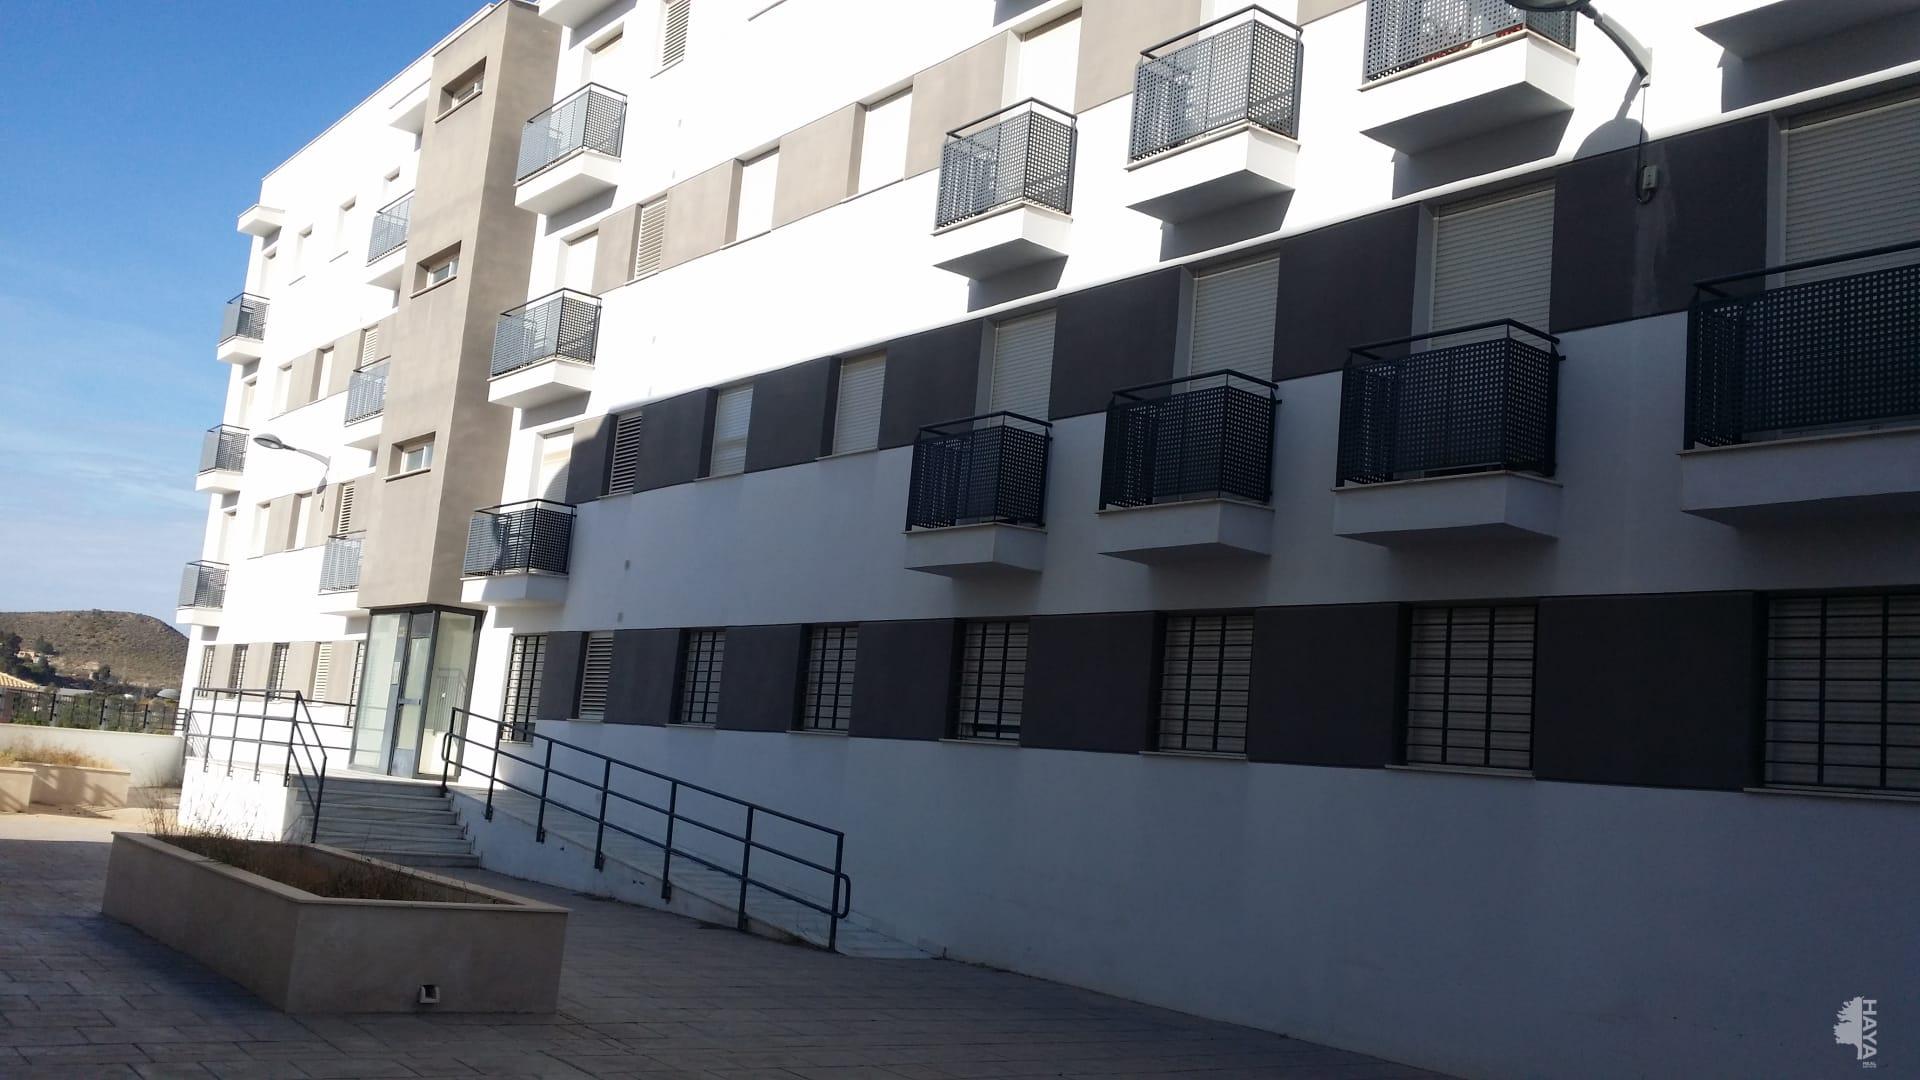 Piso en venta en Olula del Río, Almería, Calle Alta, 53.400 €, 3 habitaciones, 1 baño, 87 m2